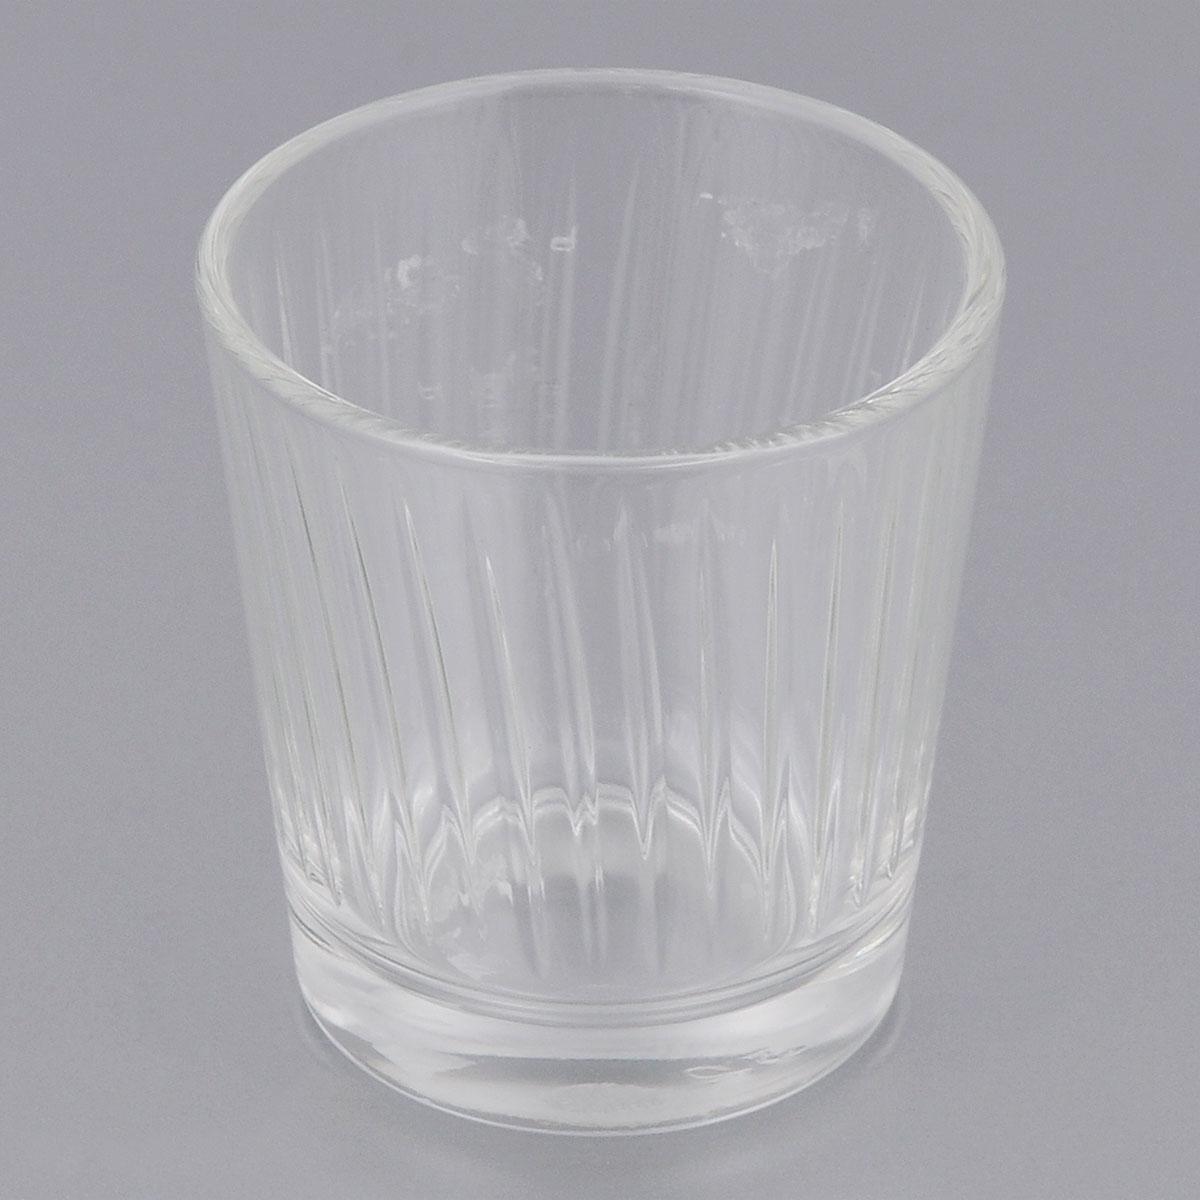 Стопка ОСЗ Тропик, 50 млGE08-2244Стопка ОСЗ Тропик, выполненная из прочного стекла, прекрасно подойдет для крепких спиртных напитков. Она ярко дополнит сервировку стола и порадует вас практичностью и оригинальным дизайном. Диаметр стопки: 5 см. Высота стопки: 5,5 см.